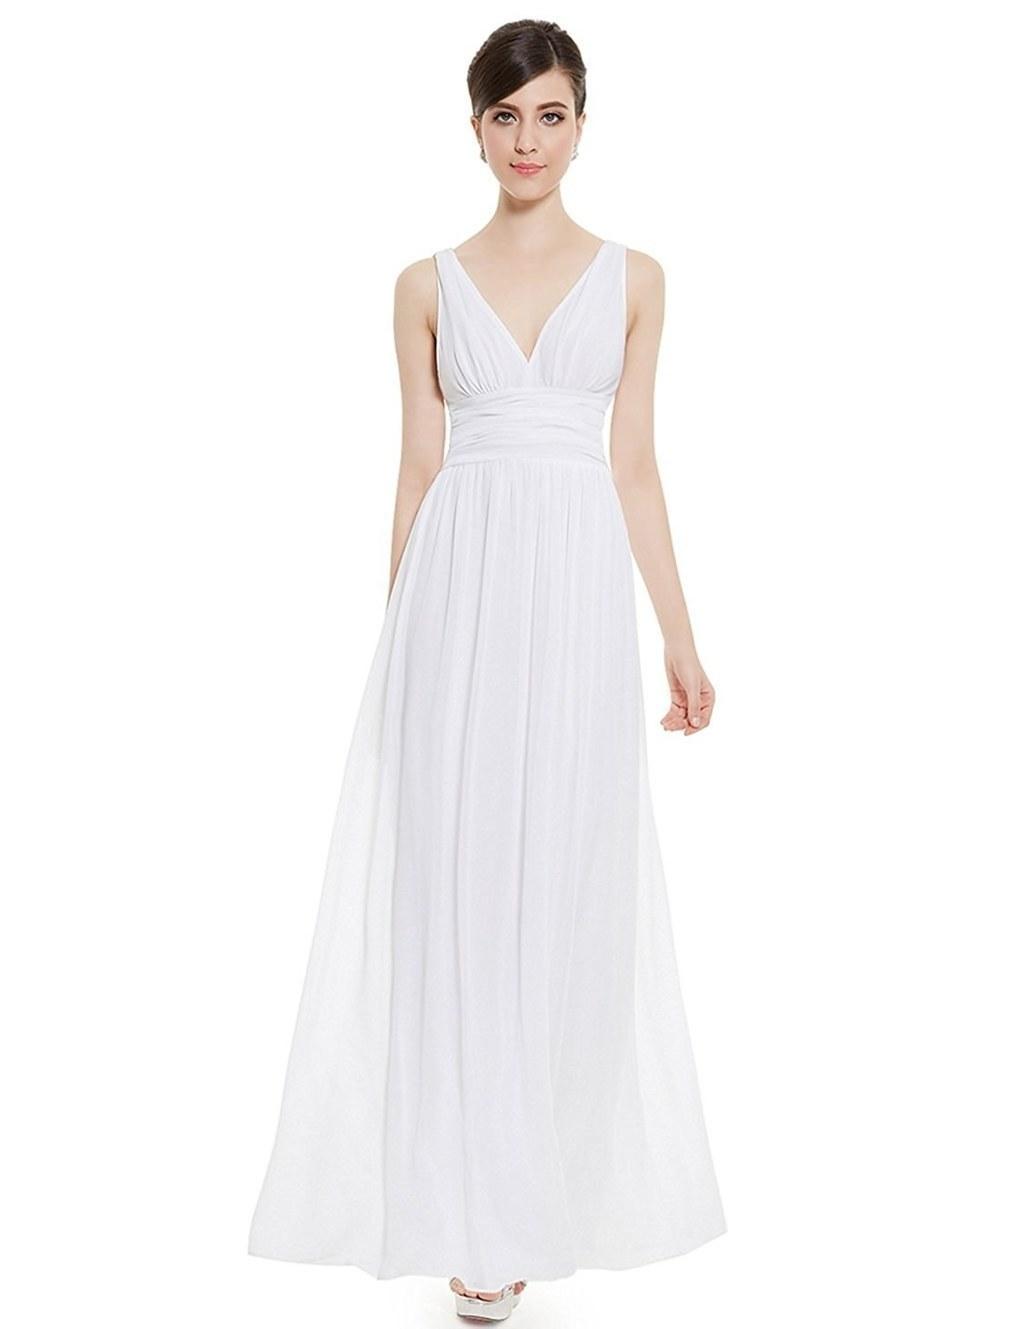 Fullsize Of Amazon Wedding Dresses